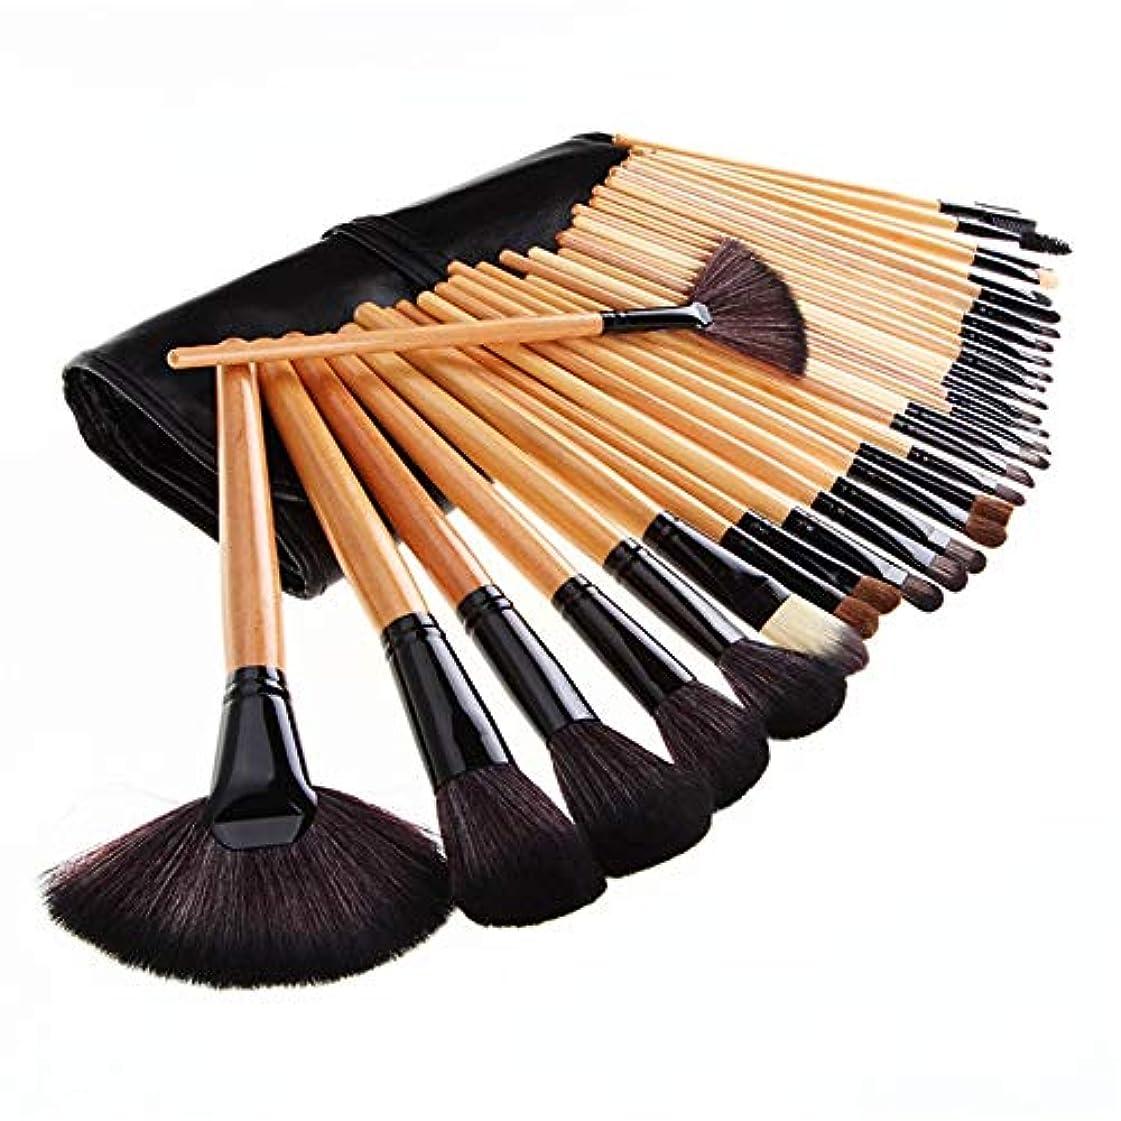 ぎこちないヒープめるMakeup brushes メイクアップブラシ32メイクアップブラシバッグのセット全体のセットメイクアップブラシバッグフォトスタジオメイクアップツールのネイルセット suits (Color : Clear)